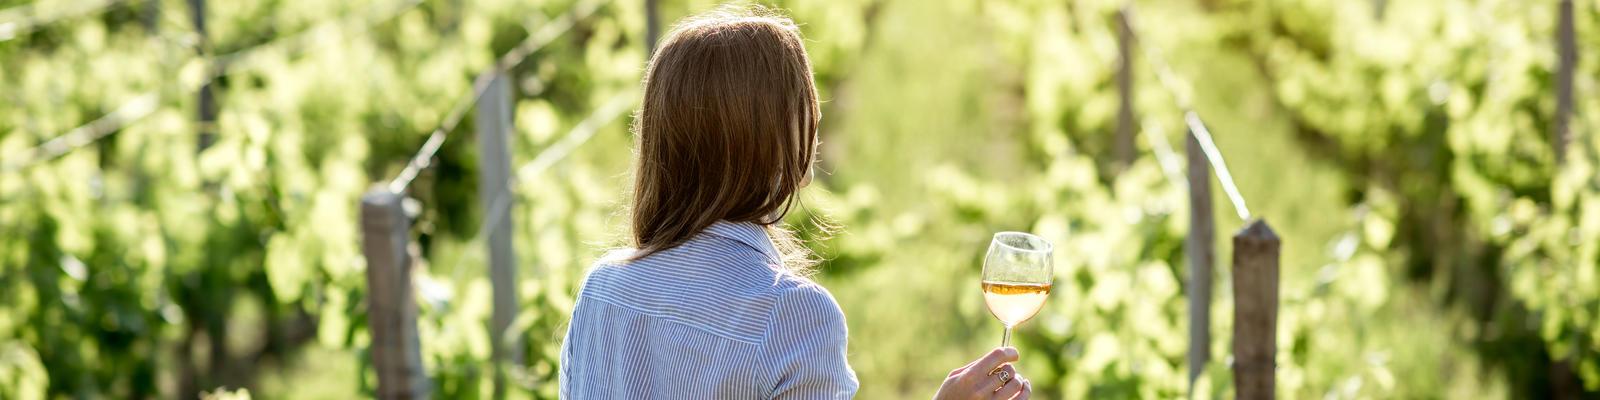 Woman Drinking Wine Observing Vineyard (Photo: RossHelen/Shutterstock)